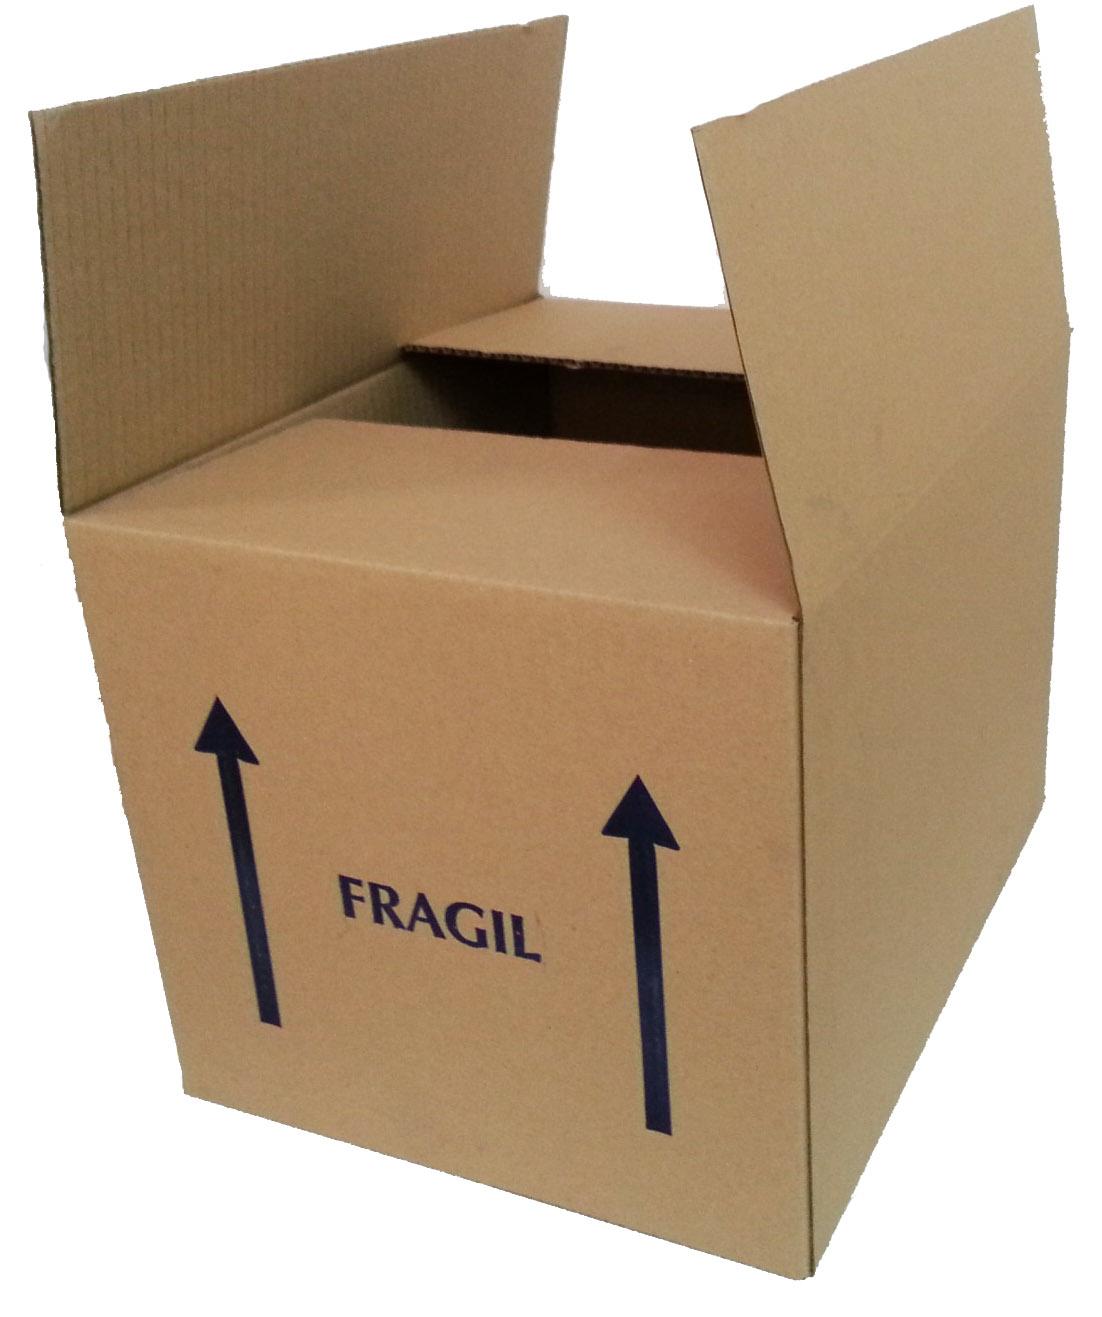 comprar cajas para mudanza perfect cajas para hacer